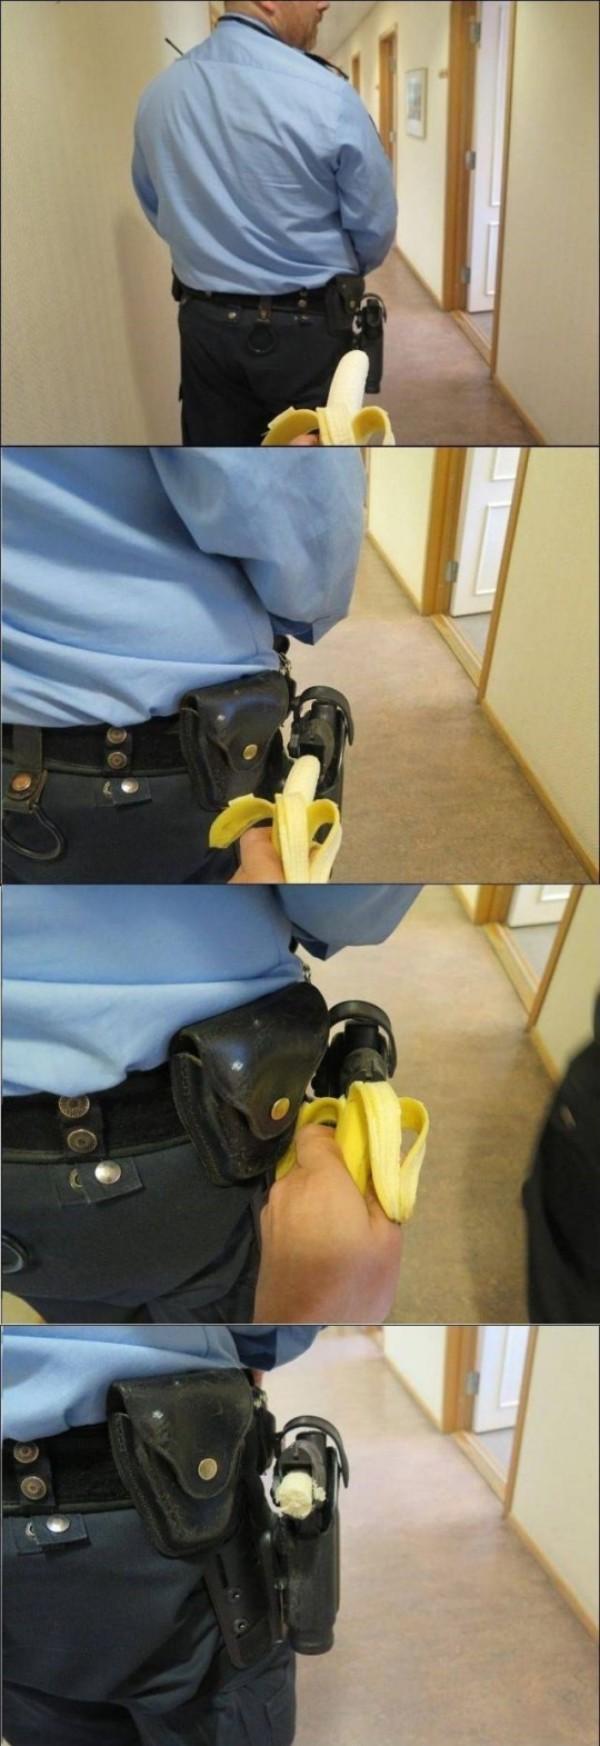 Trollface - El mayor troleo que le puedes hacer a un policía que está de espaldas